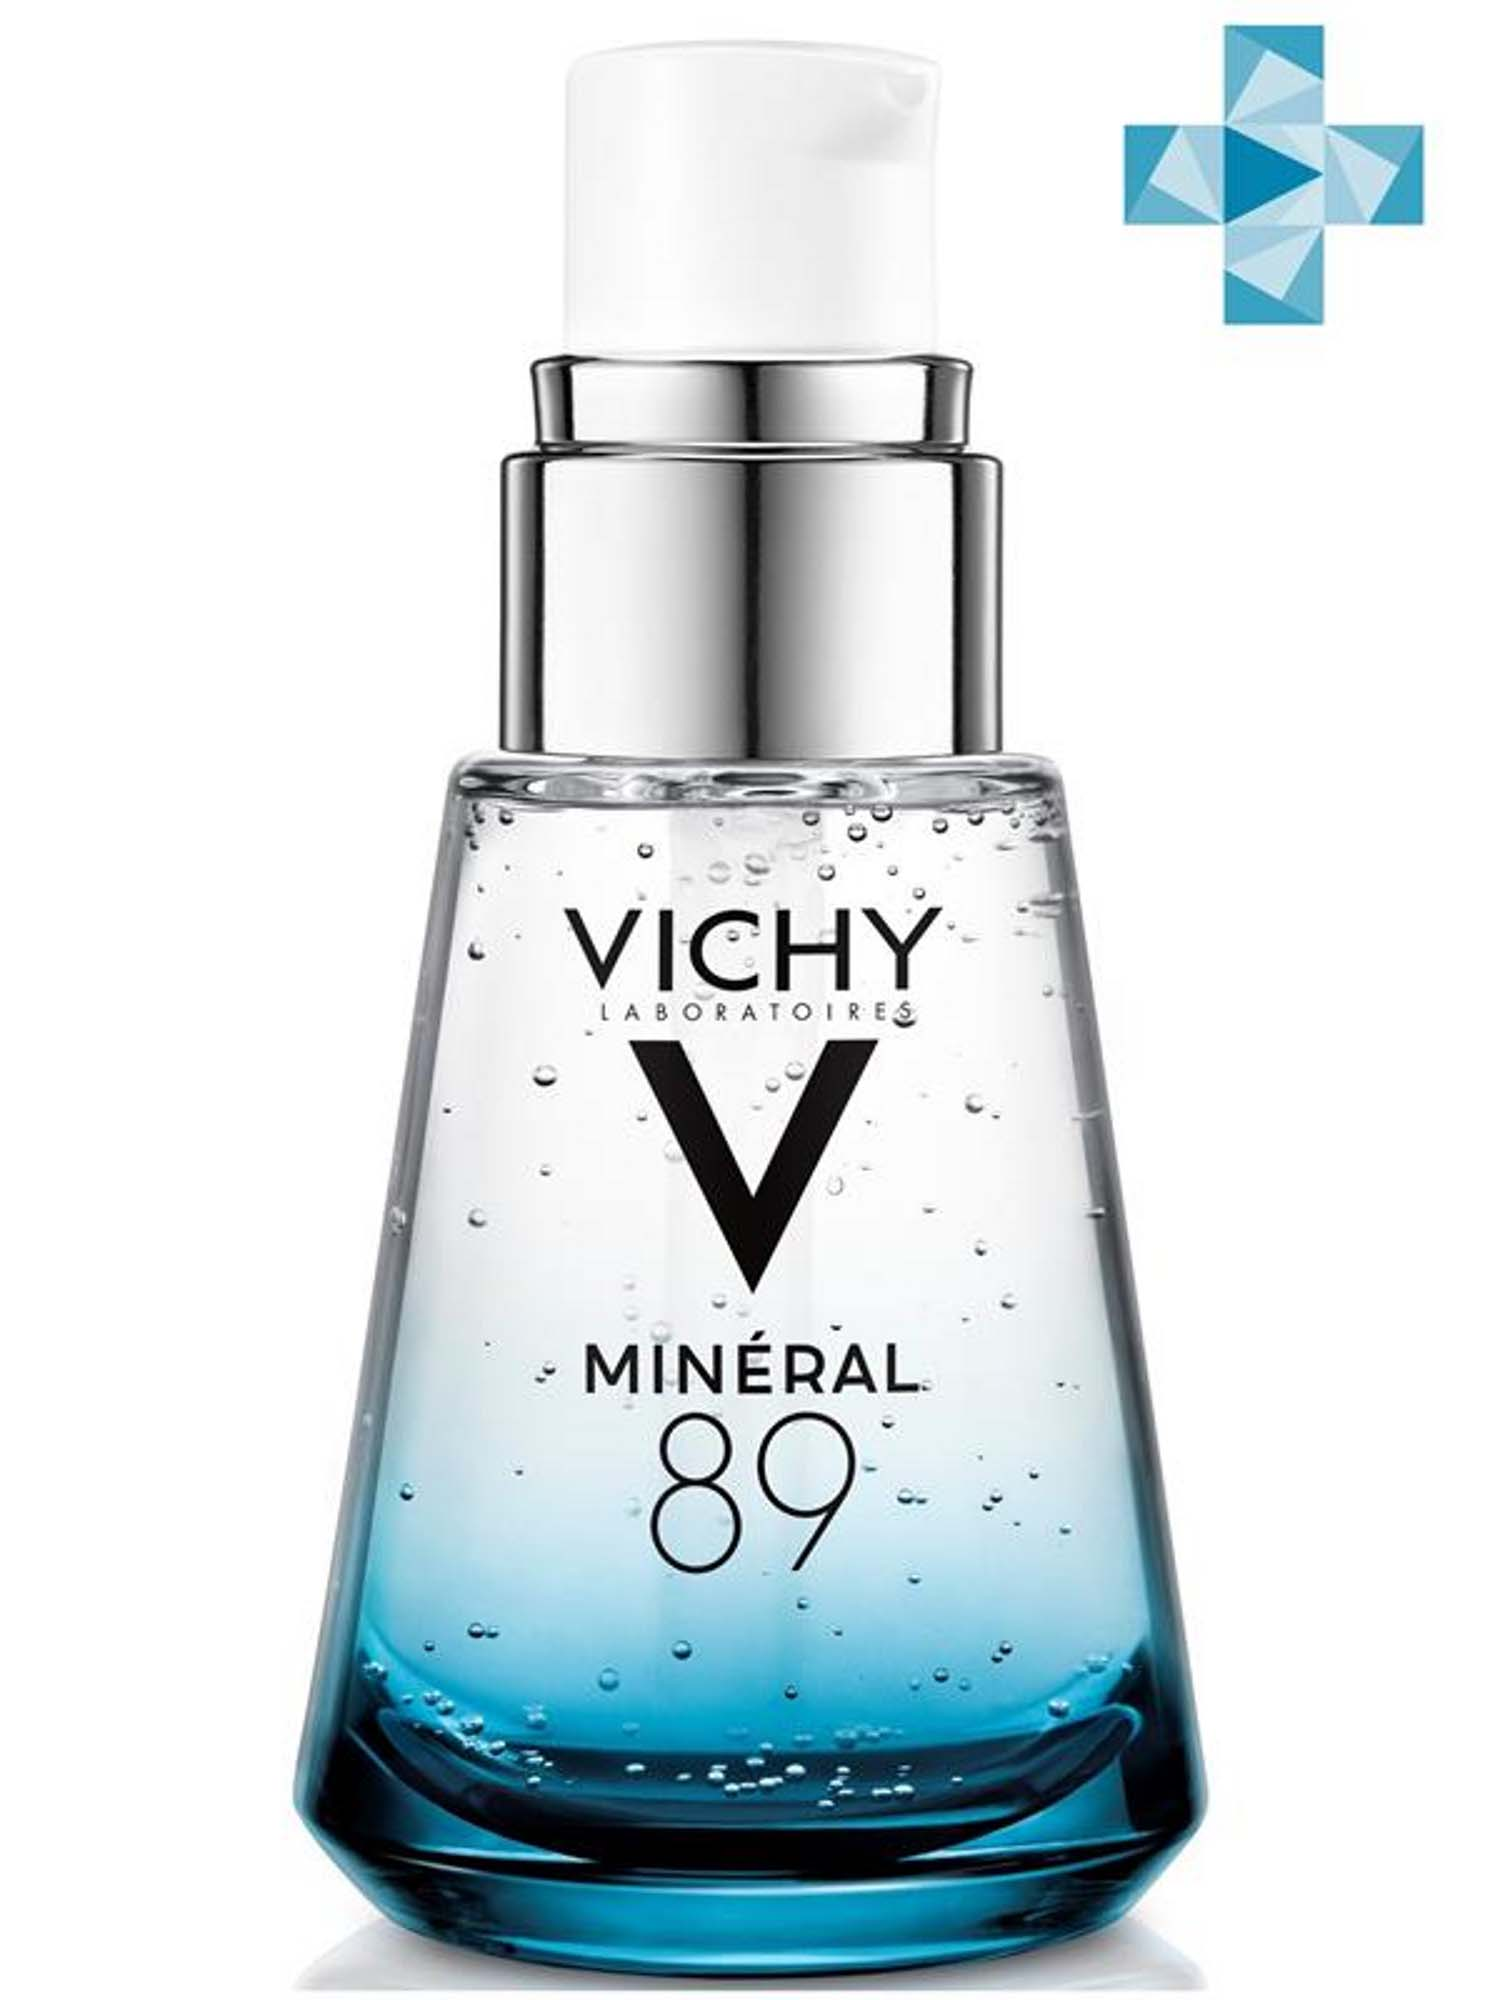 Купить Vichy Ежедневный гель-сыворотка для кожи, подверженной внешним воздействиям Mineral 89, 30 мл (Vichy, Mineral 89), Франция